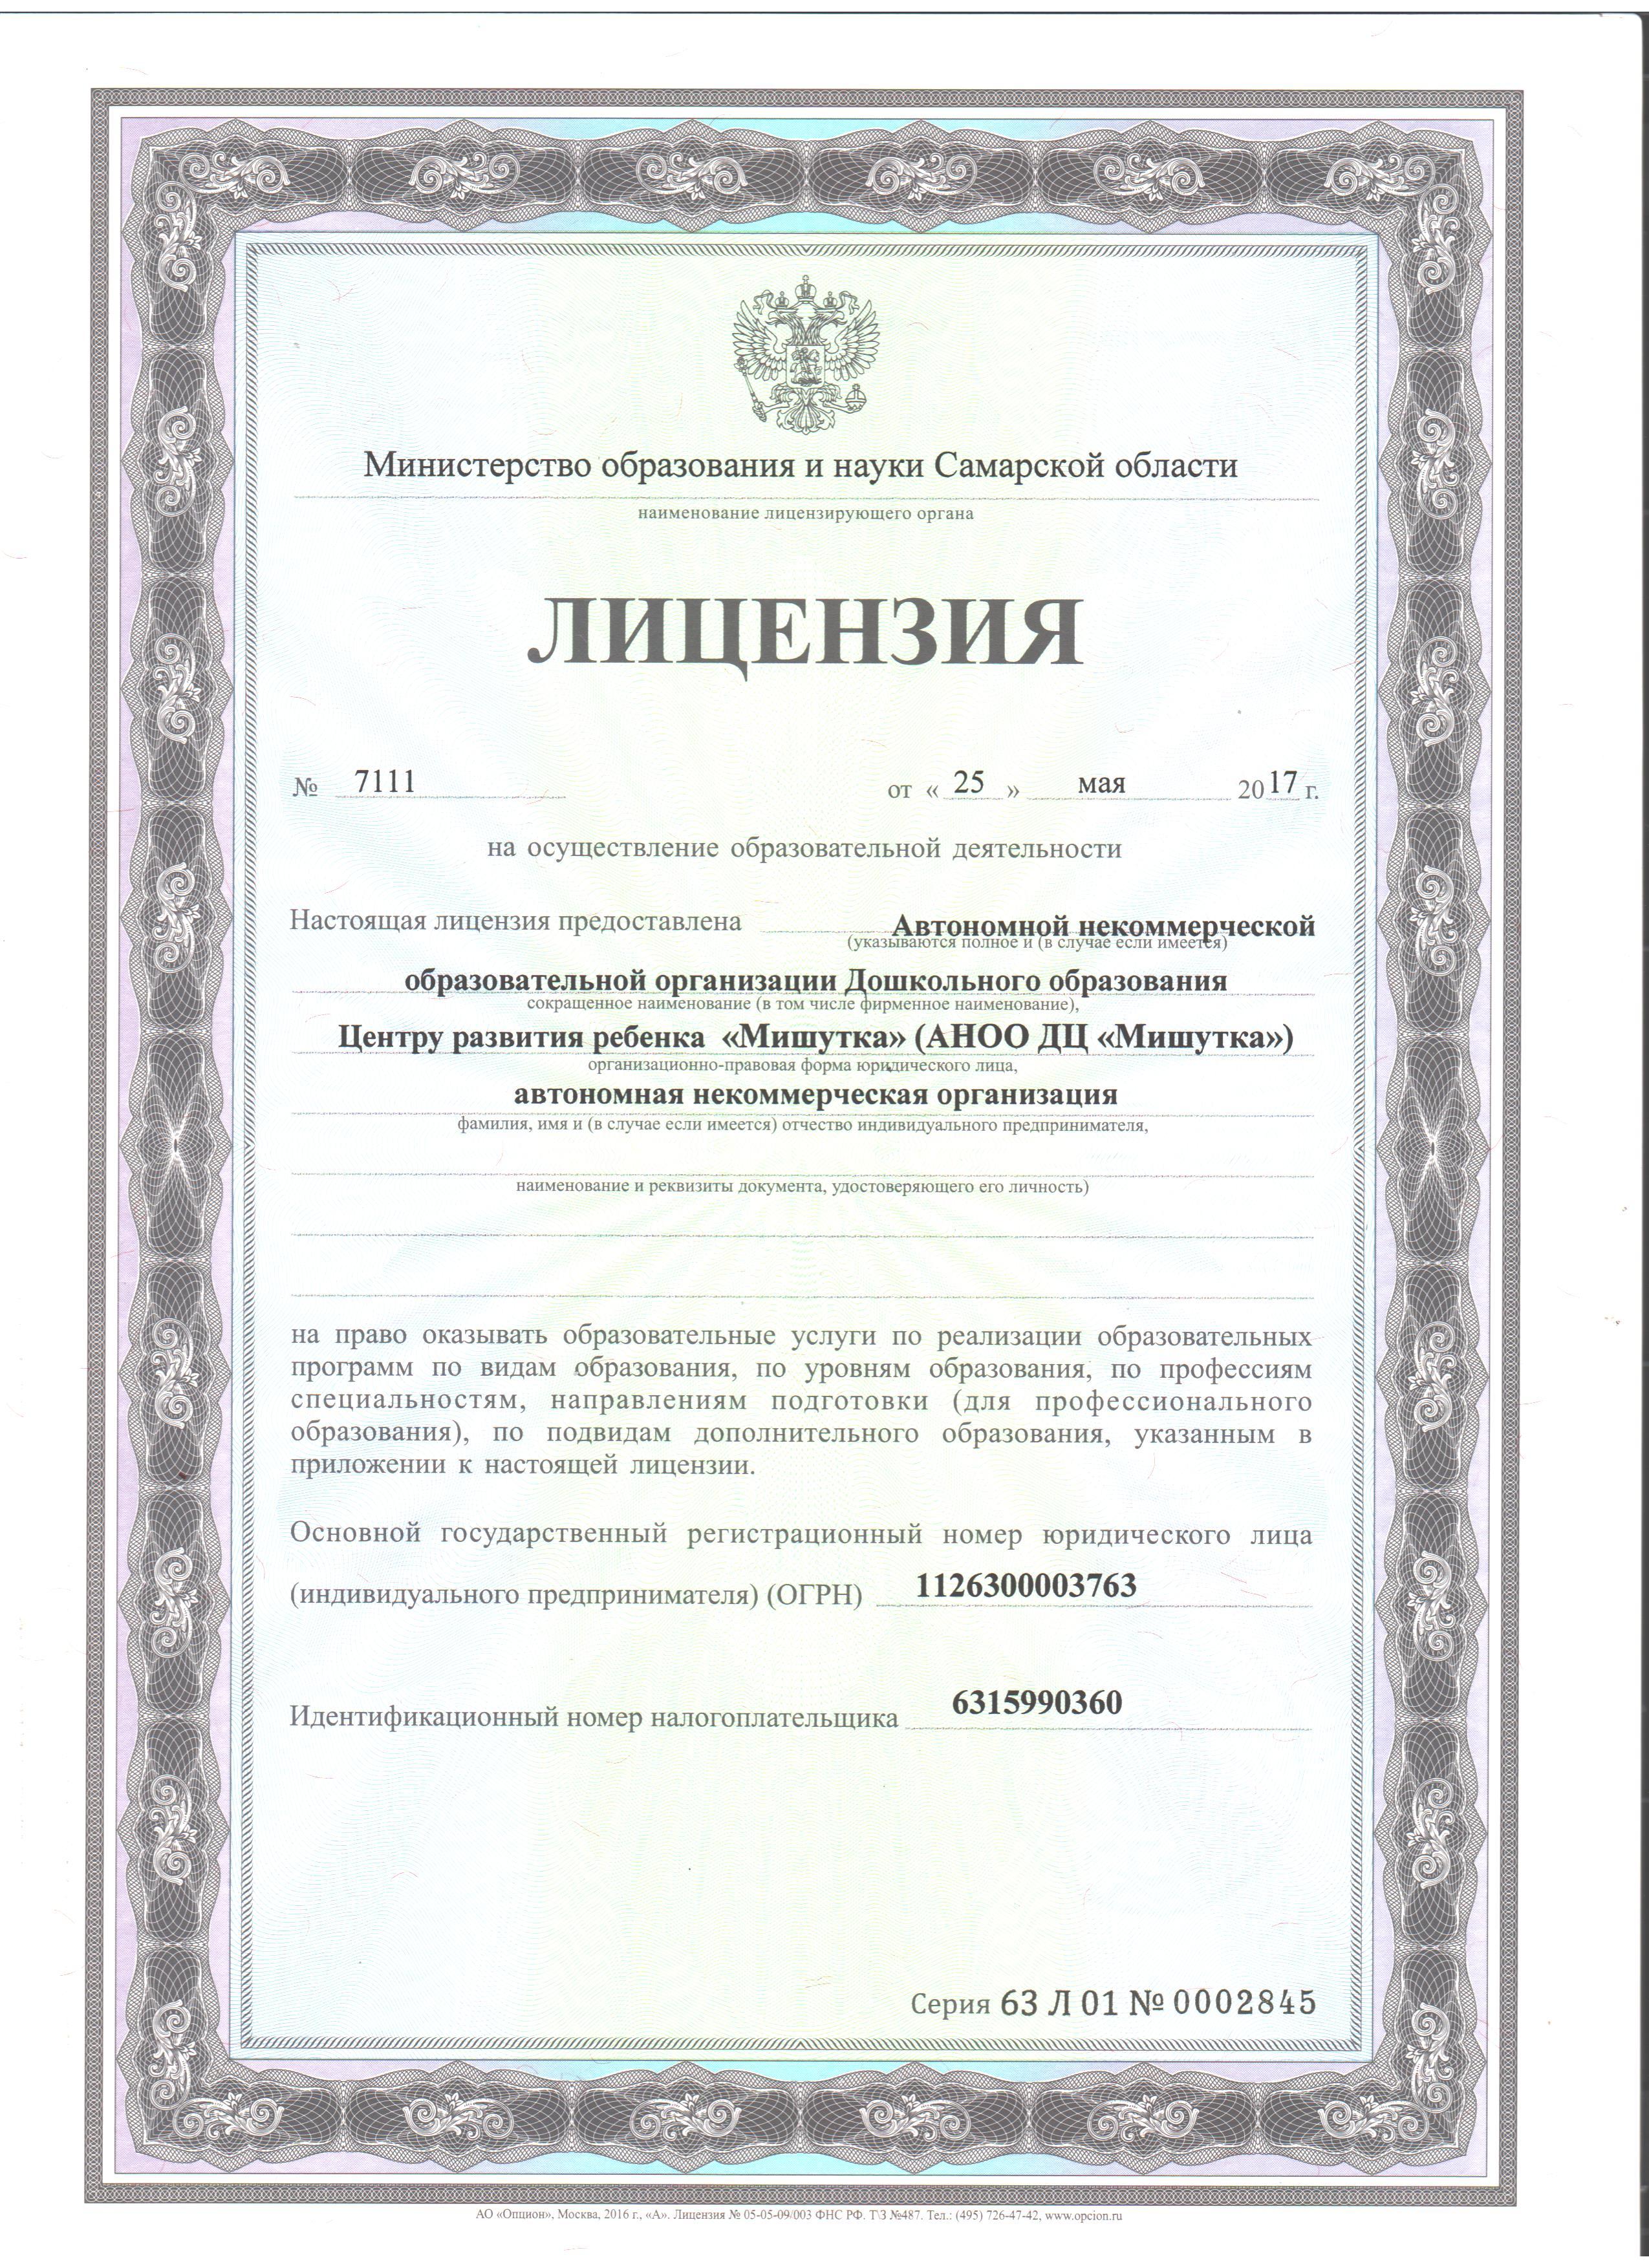 лицензия 2017